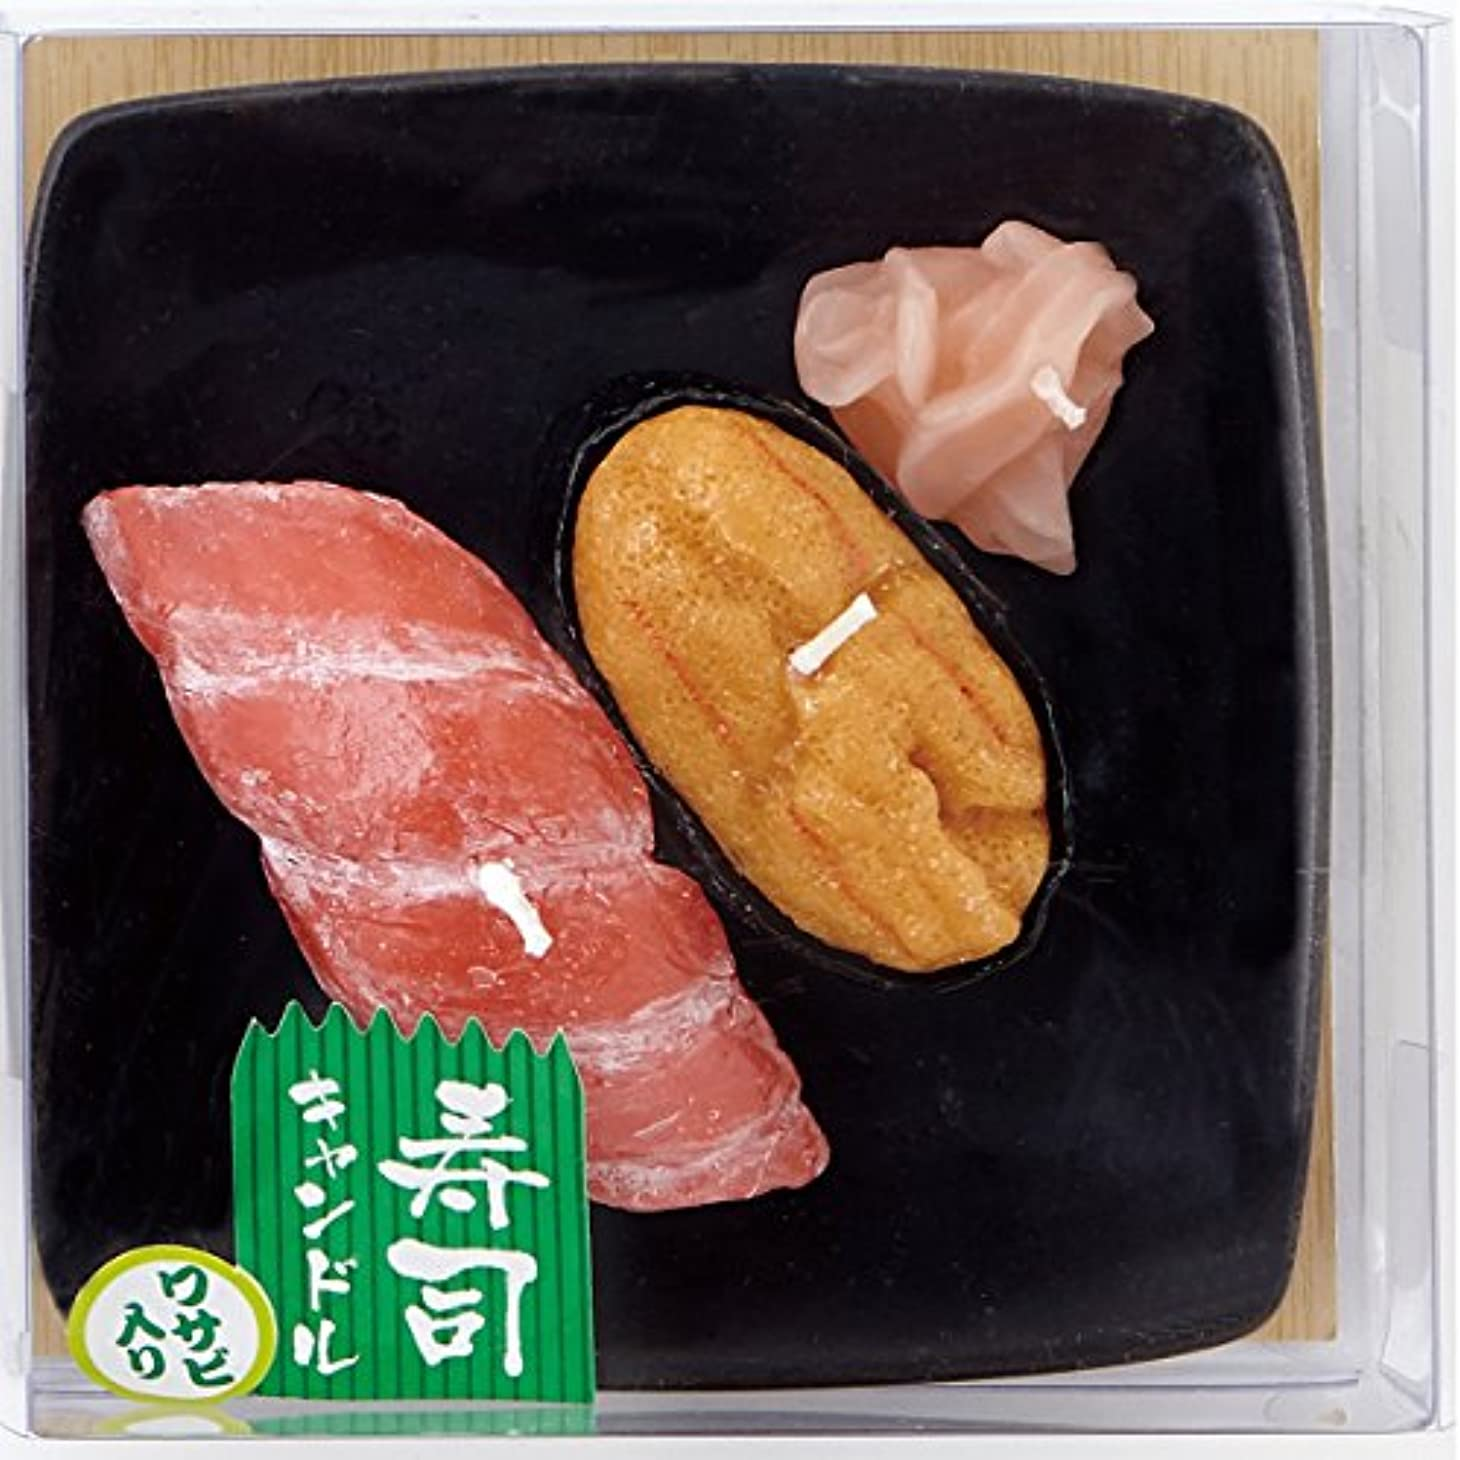 箱人物緑寿司キャンドル C(ウニ?大トロ) サビ入